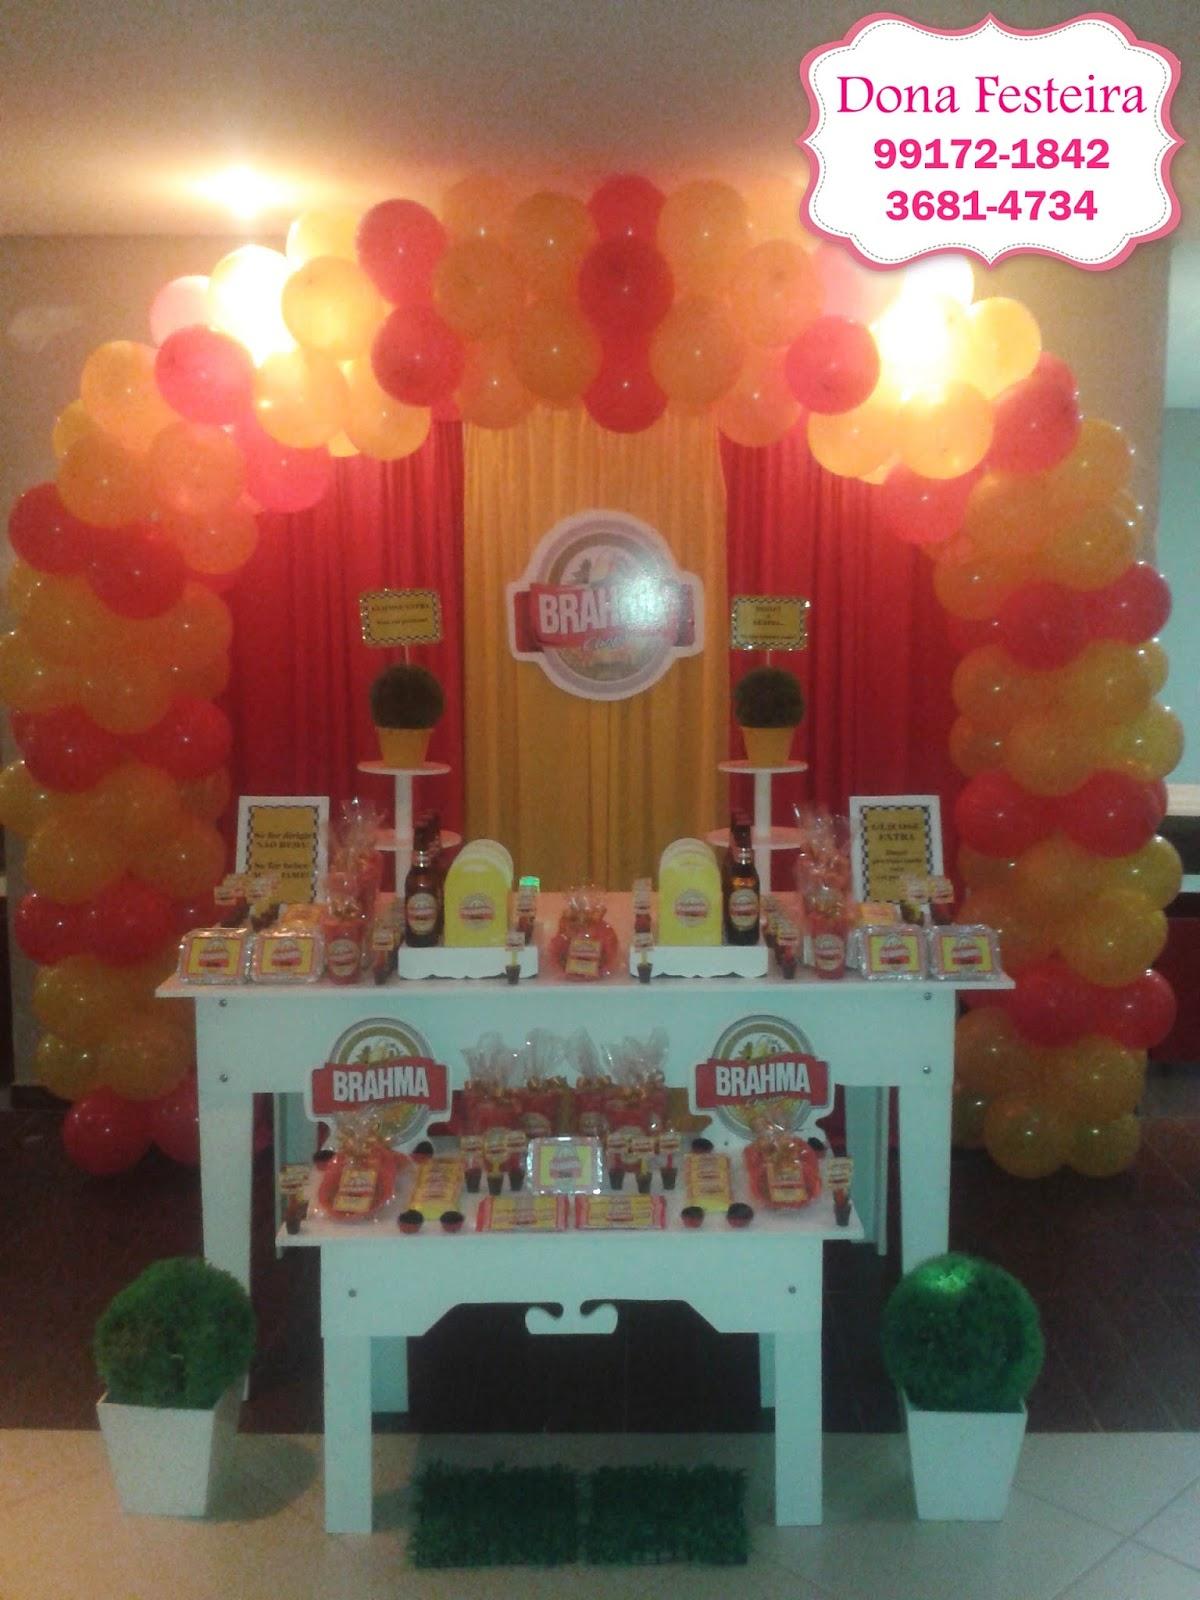 decoracao boteco brahma : decoracao boteco brahma:Mesa do tema Brahma em nosso pacote mini para comemorar o aniversário